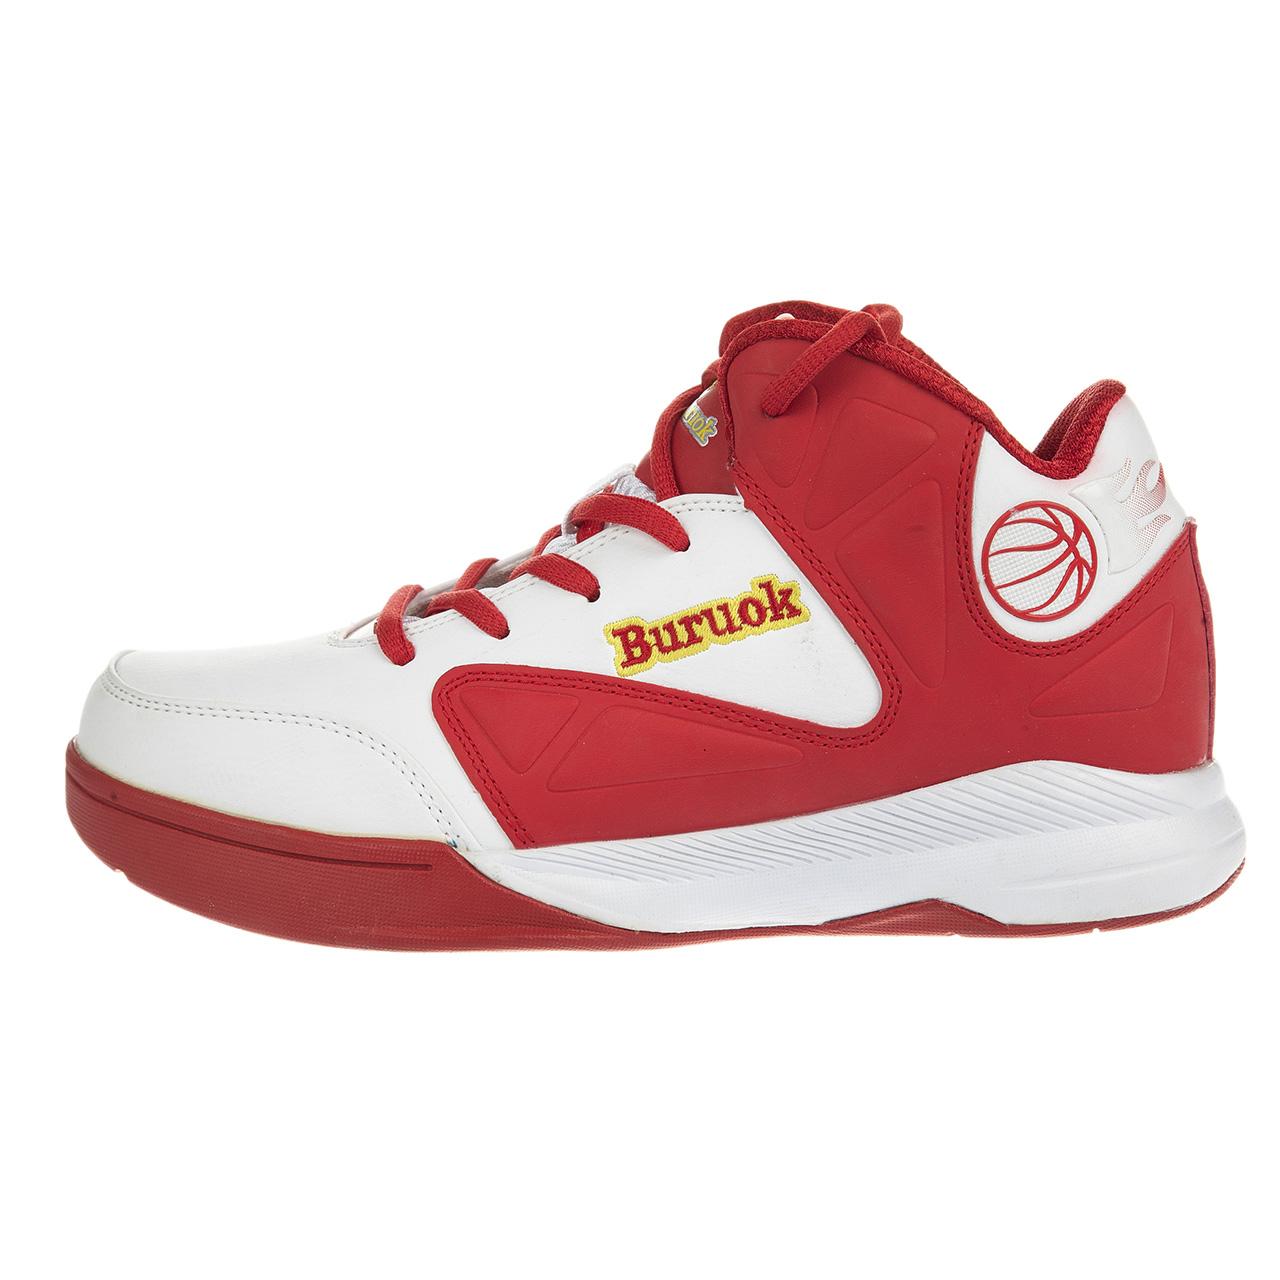 قیمت کفش مخصوص بسکتبال مردانه بوروک مدل R-0379